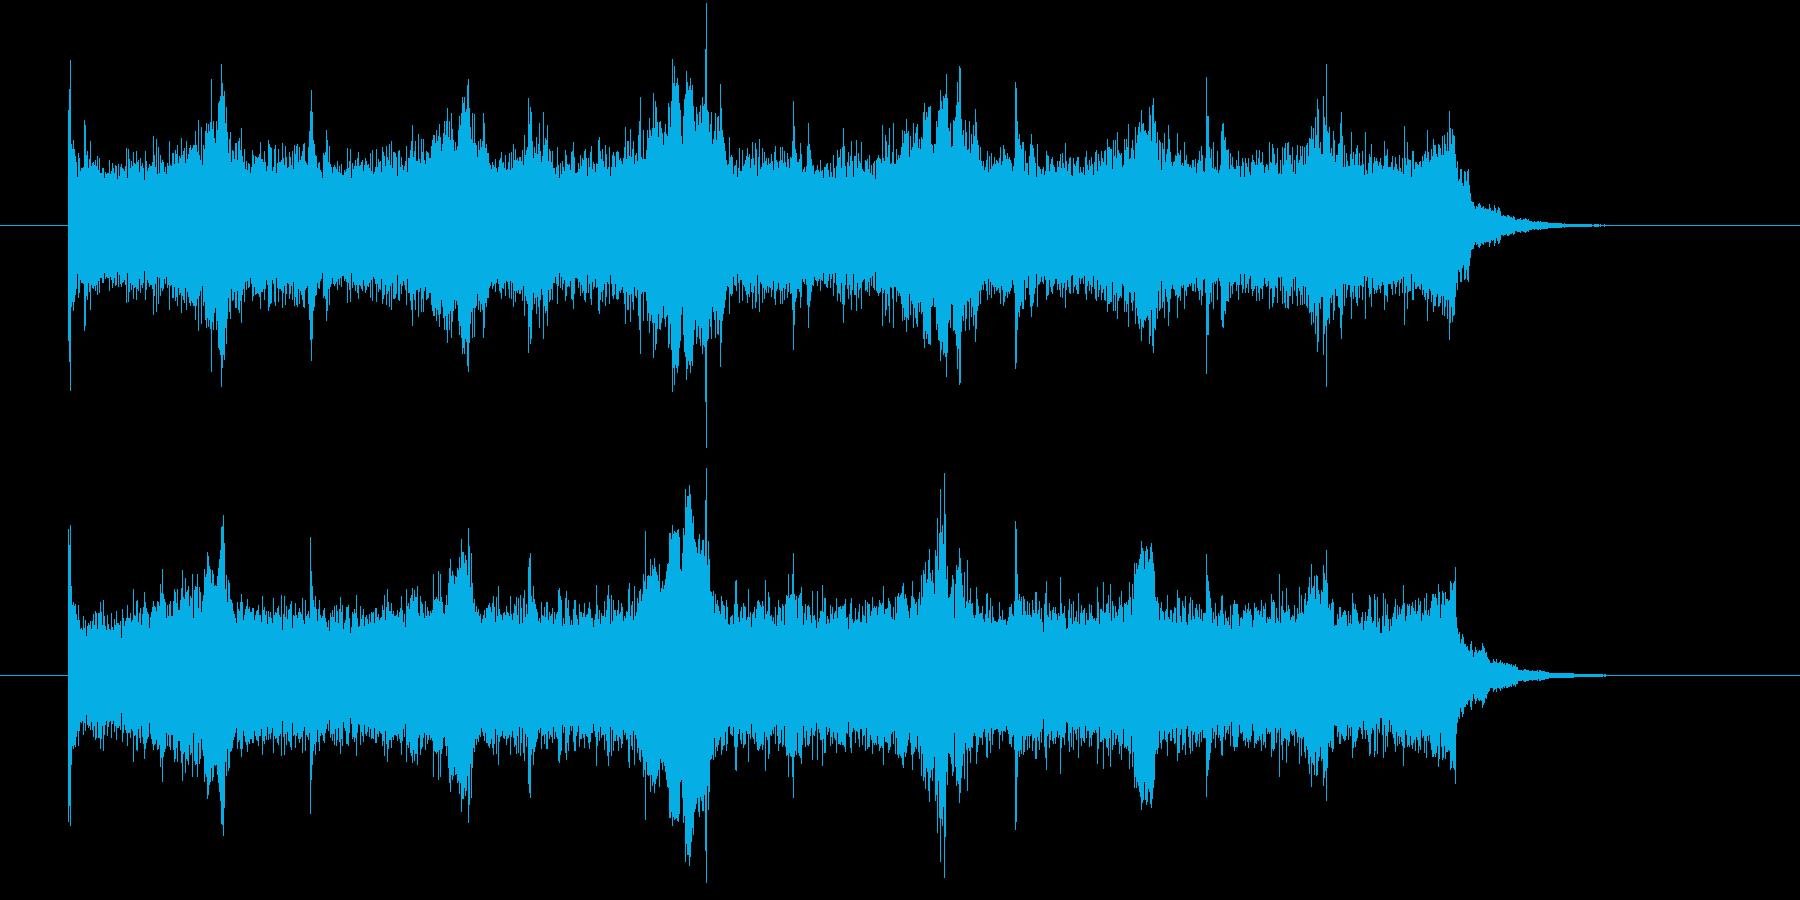 機械が動くような音の再生済みの波形